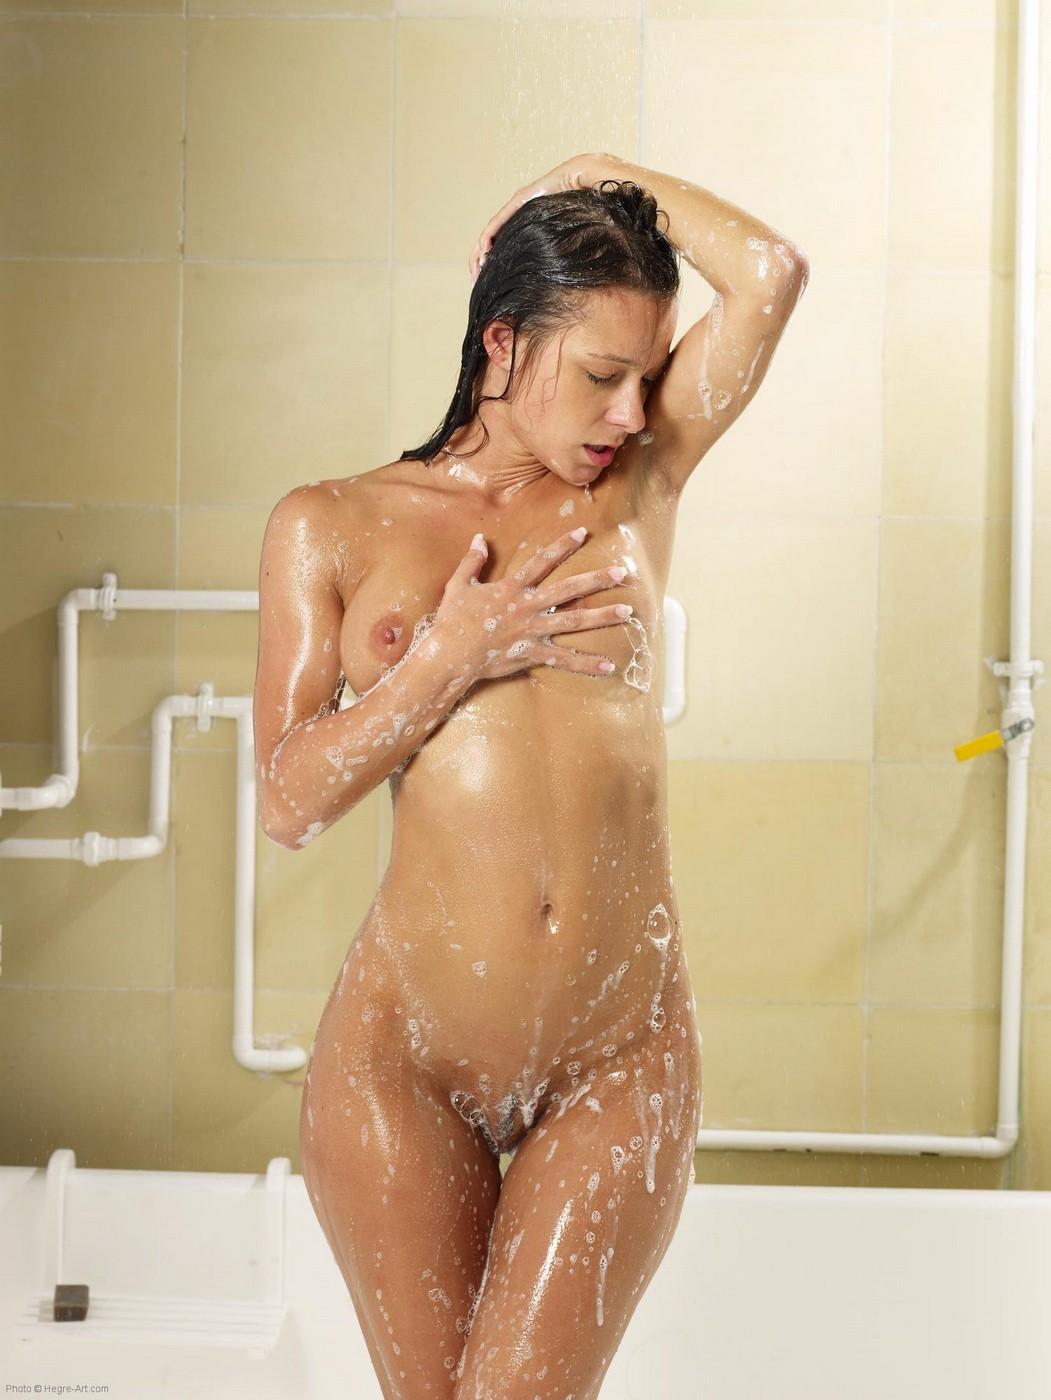 Мокрая девушка с сочной красивой попой  - фото